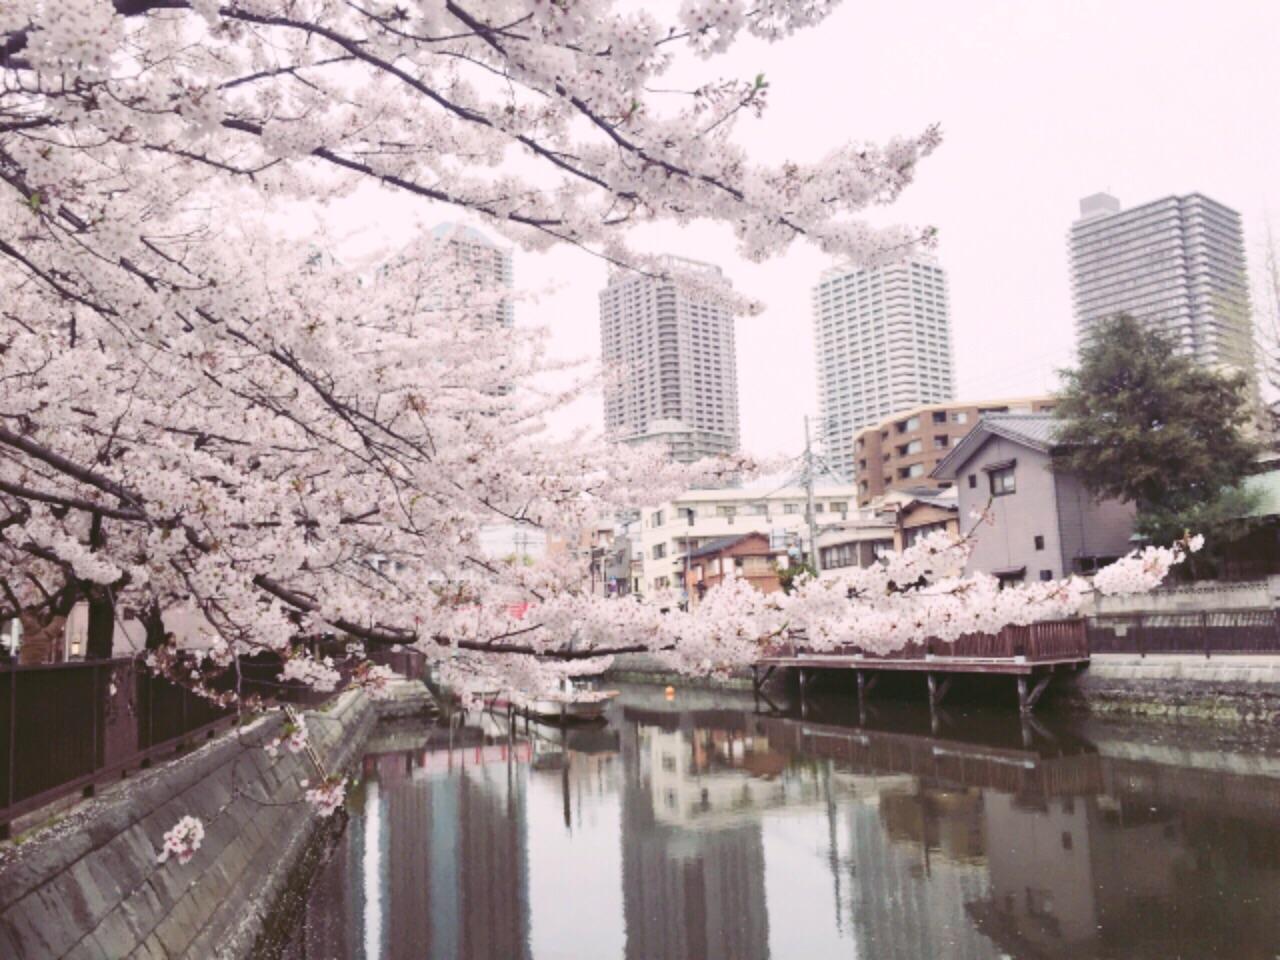 桜の命は短し、恋せよ乙女。_4